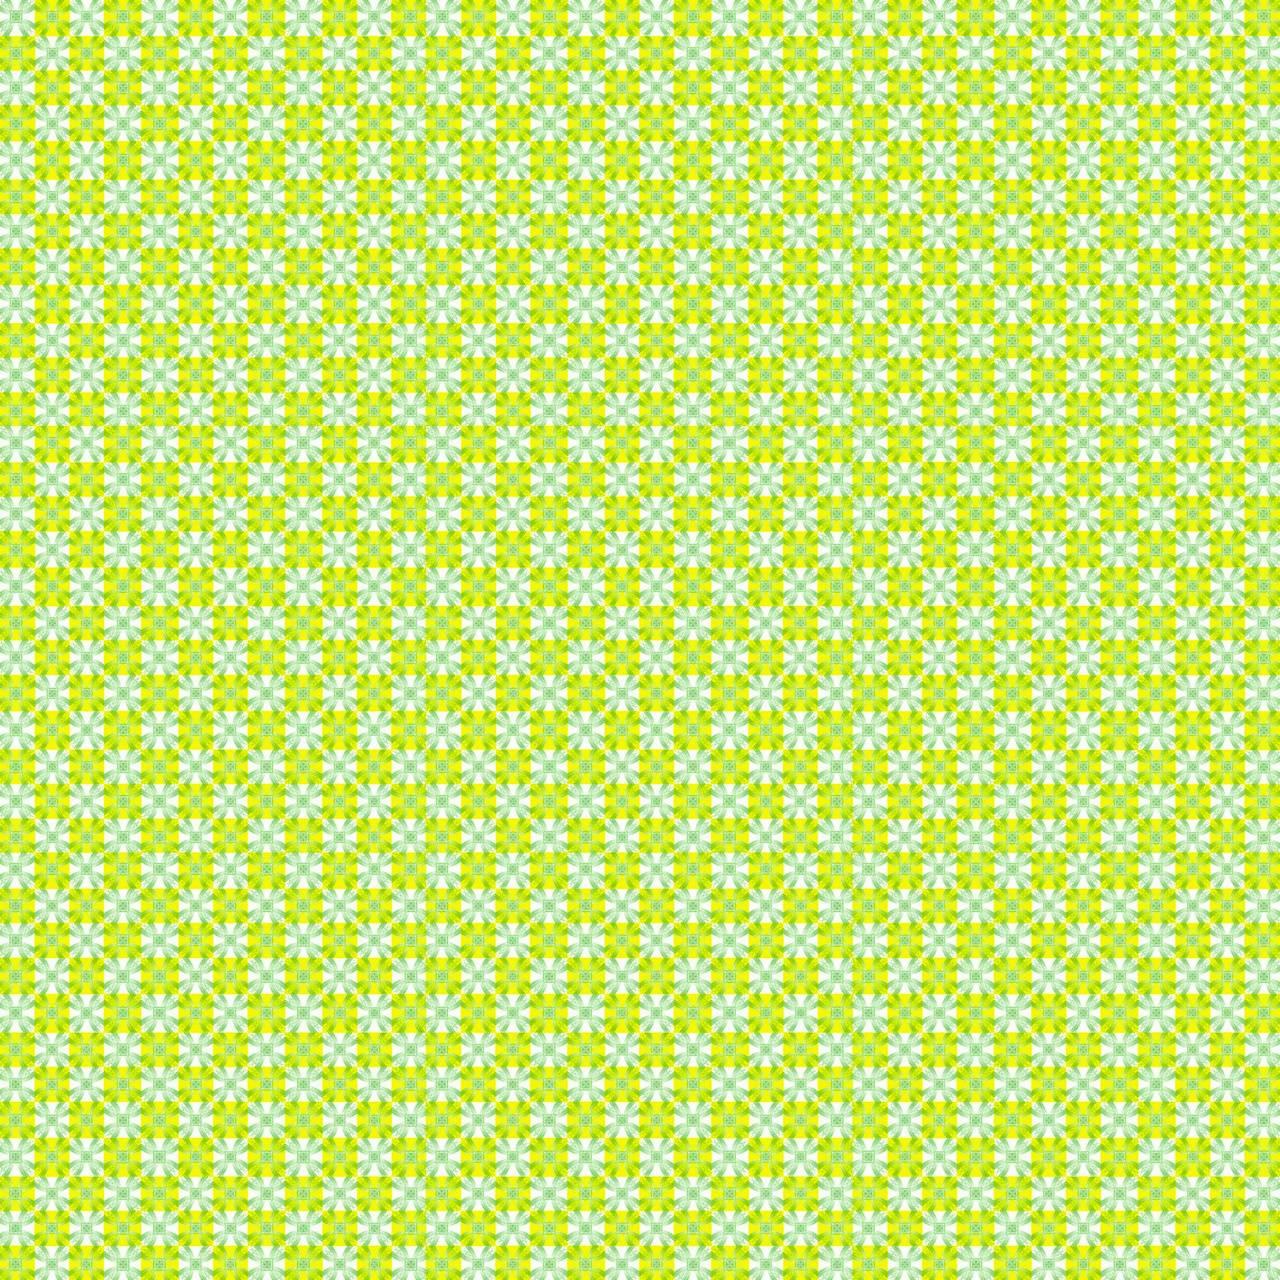 Tiled Wallpaper 22-3